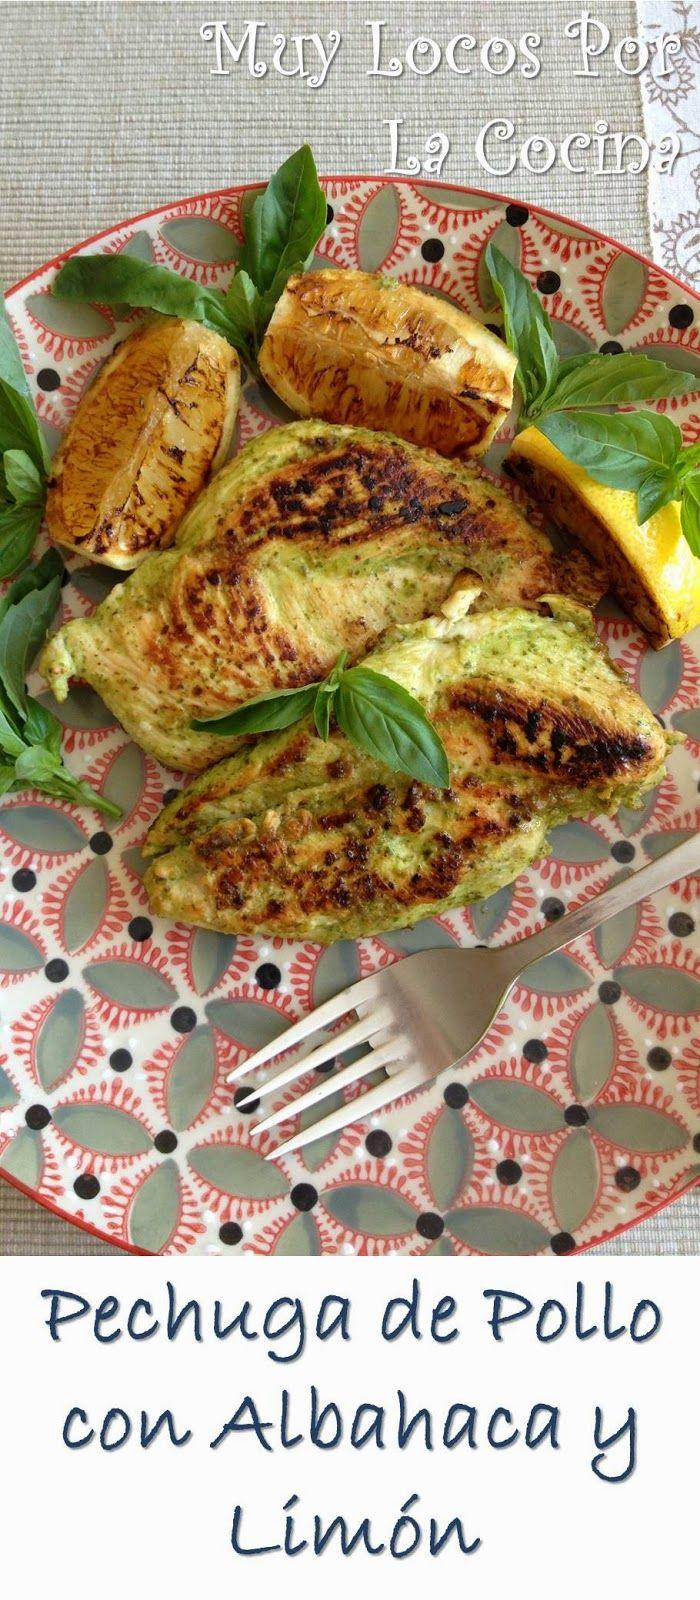 Muy Locos Por La Cocina: Pechuga de Pollo con Albahaca y Limón